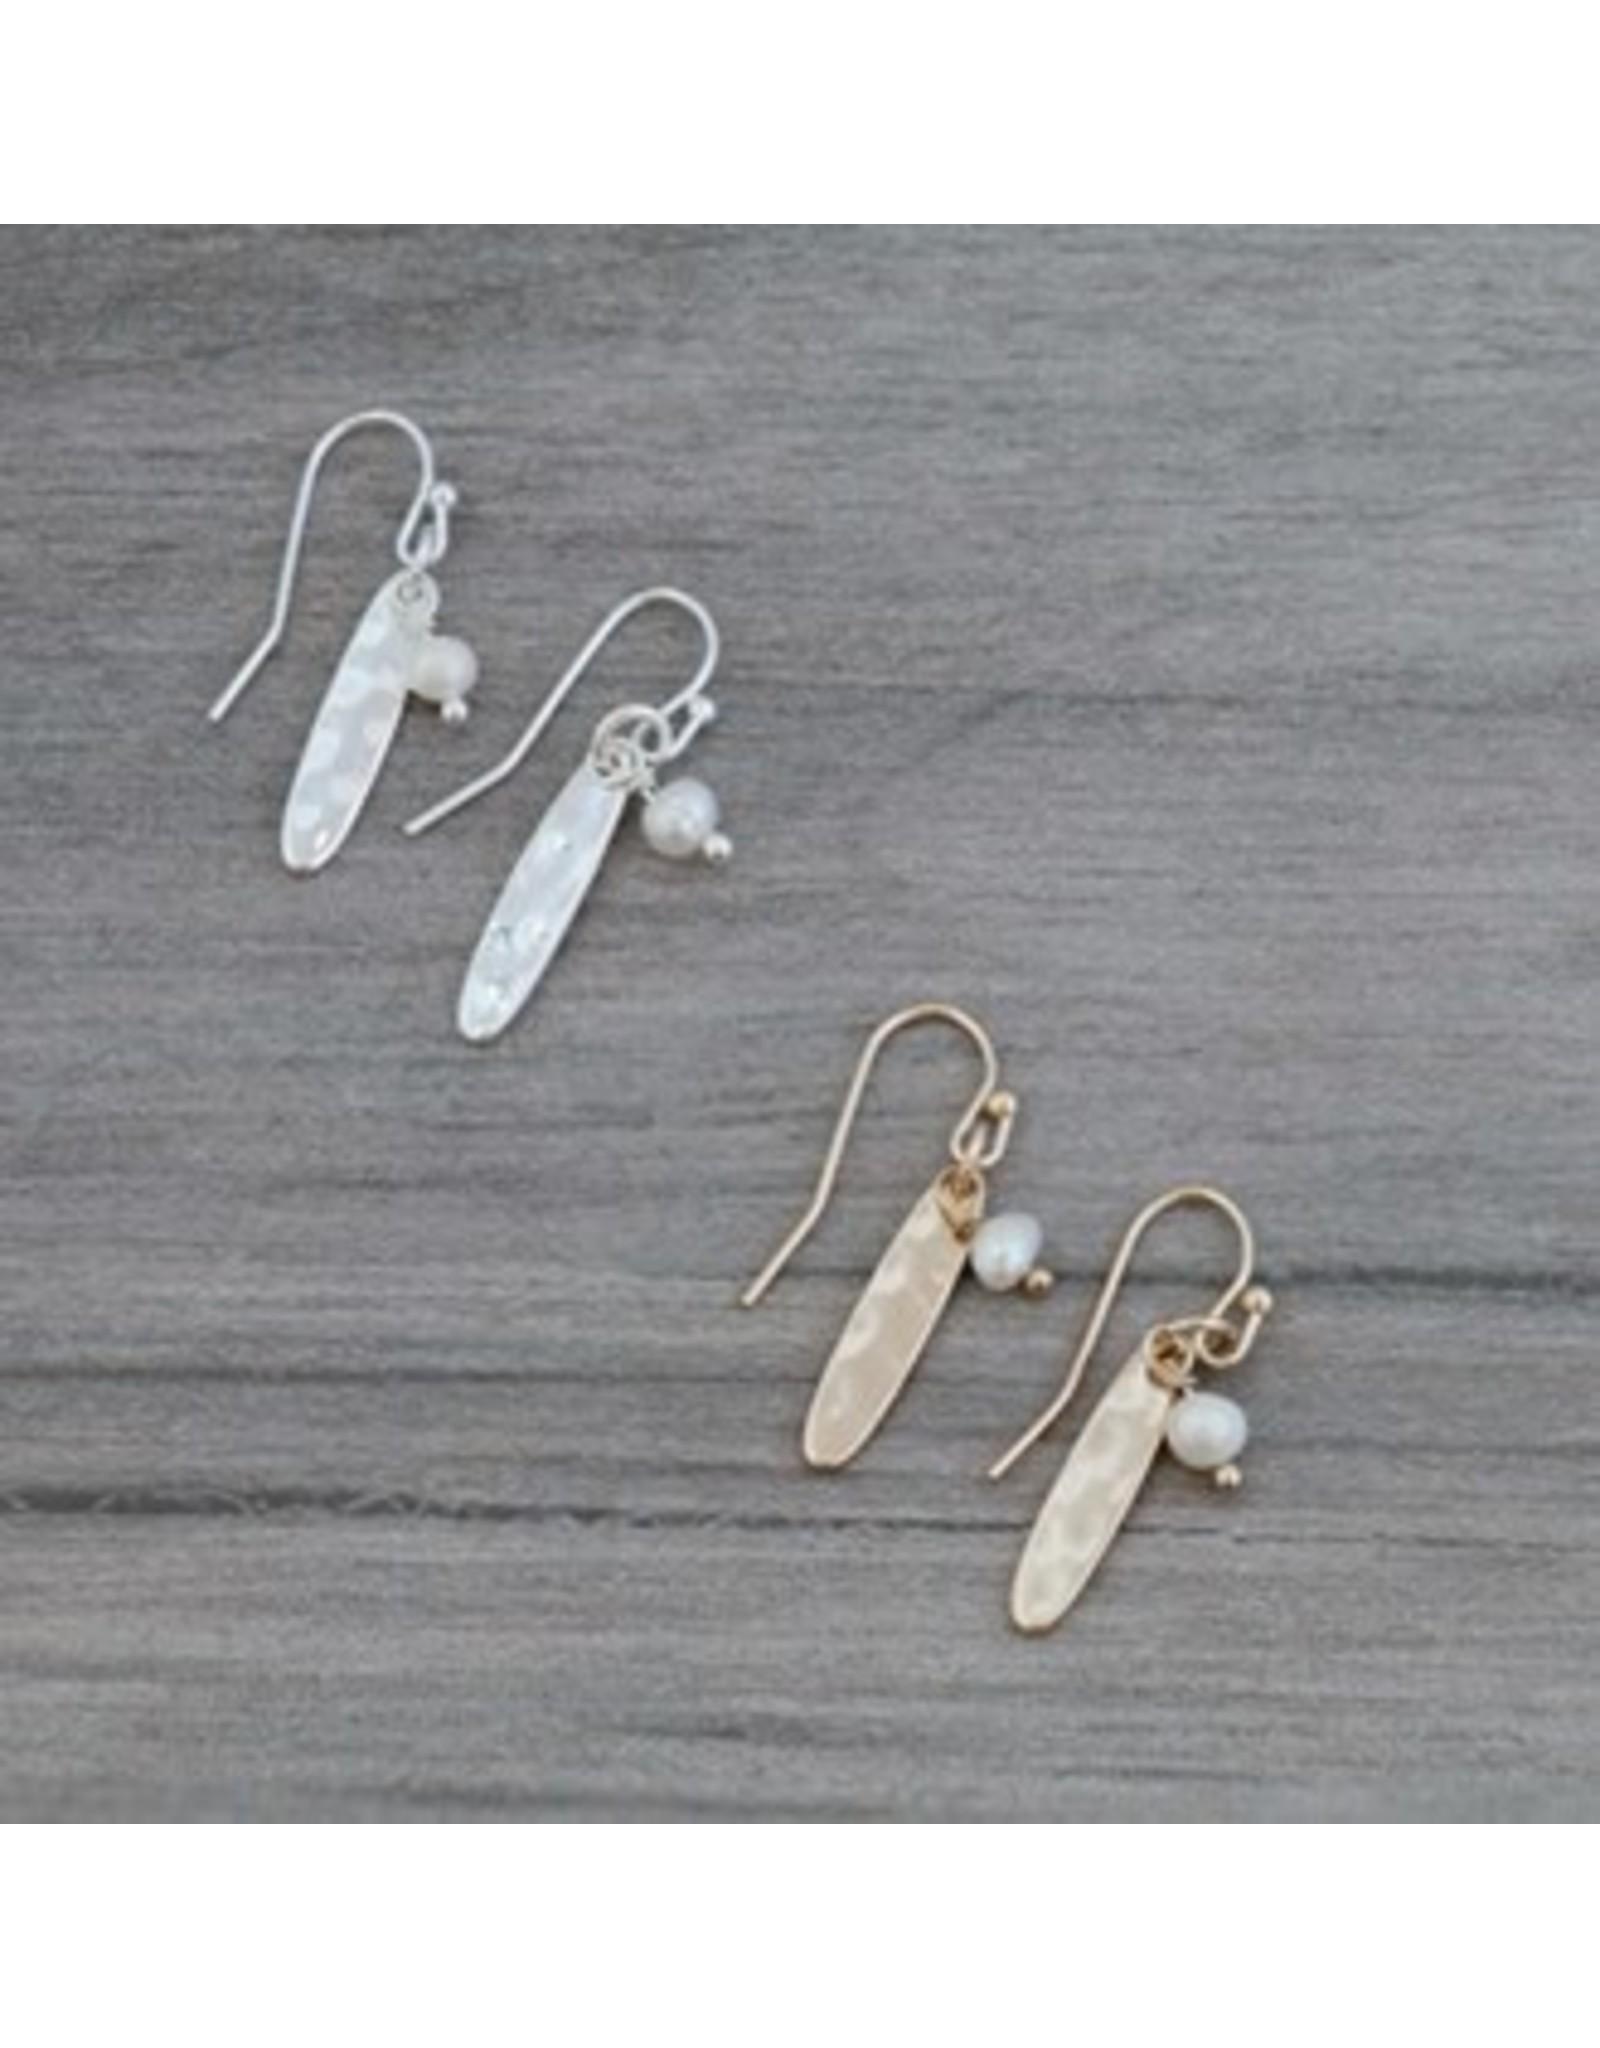 Glee jewelry Ali Earrings/White Pearl/Gold